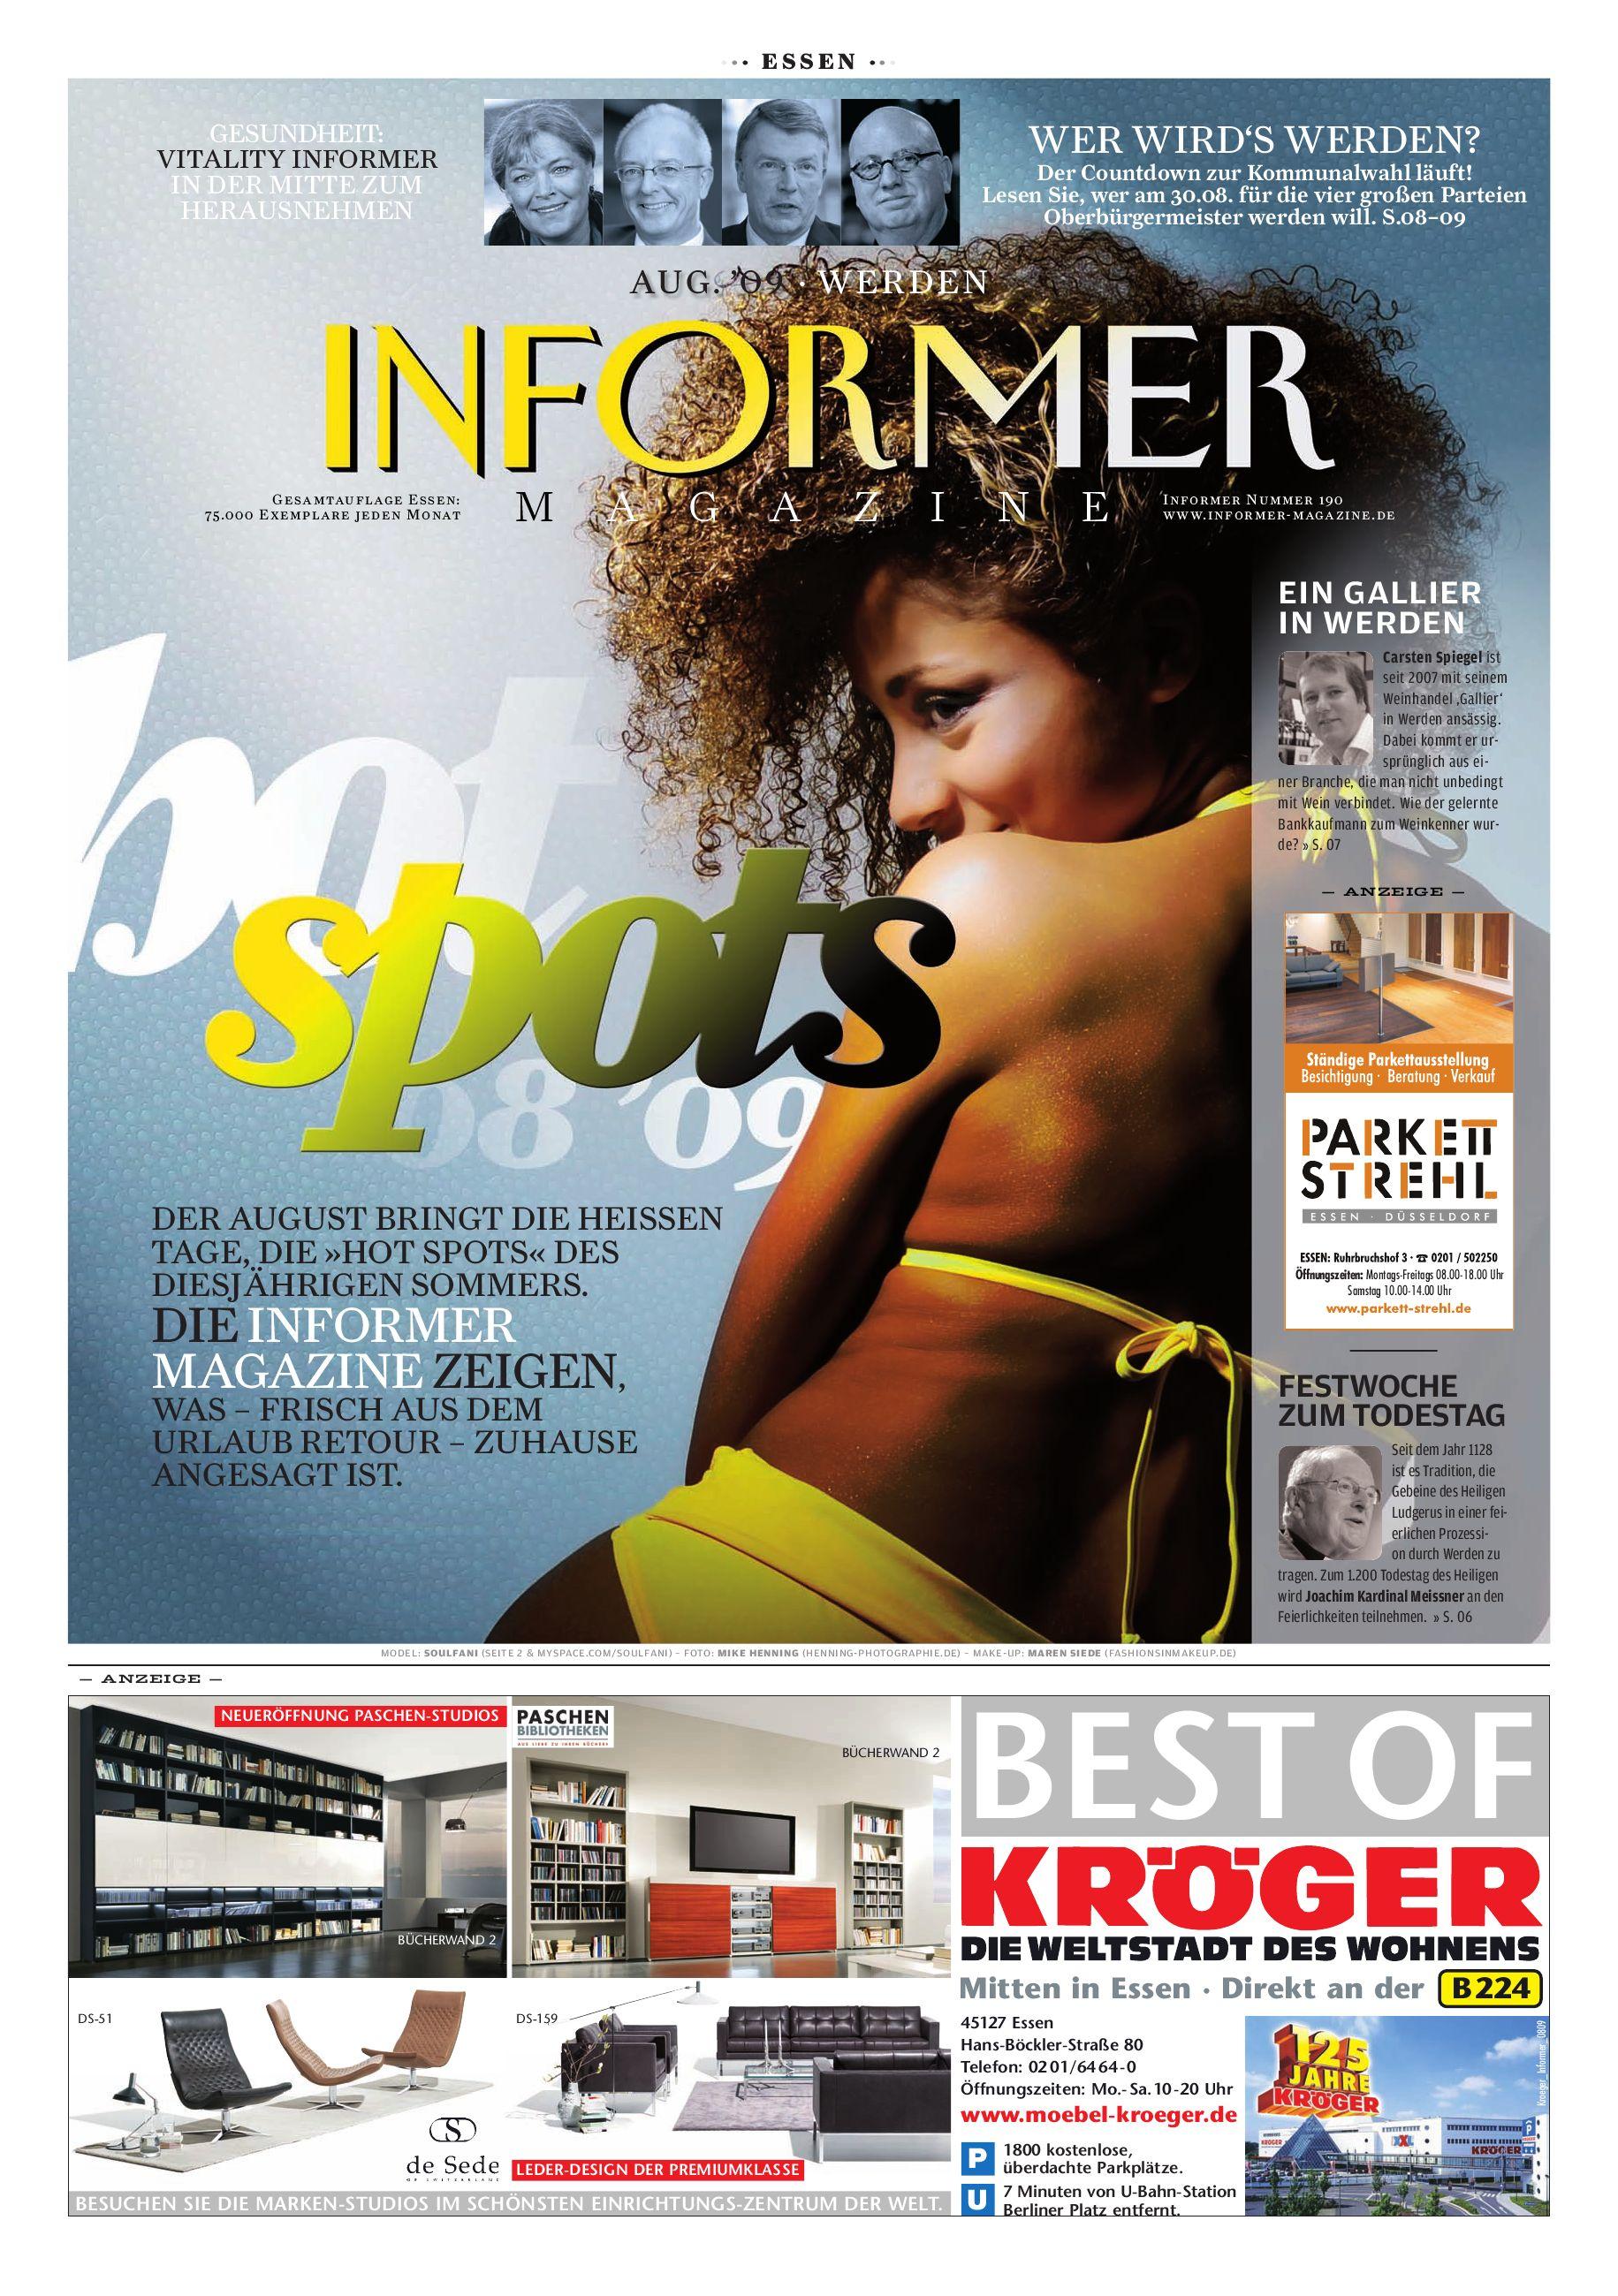 Informer Magazine Essen Aug 09 By Presse Verlag Ruhr Gmbh Issuu